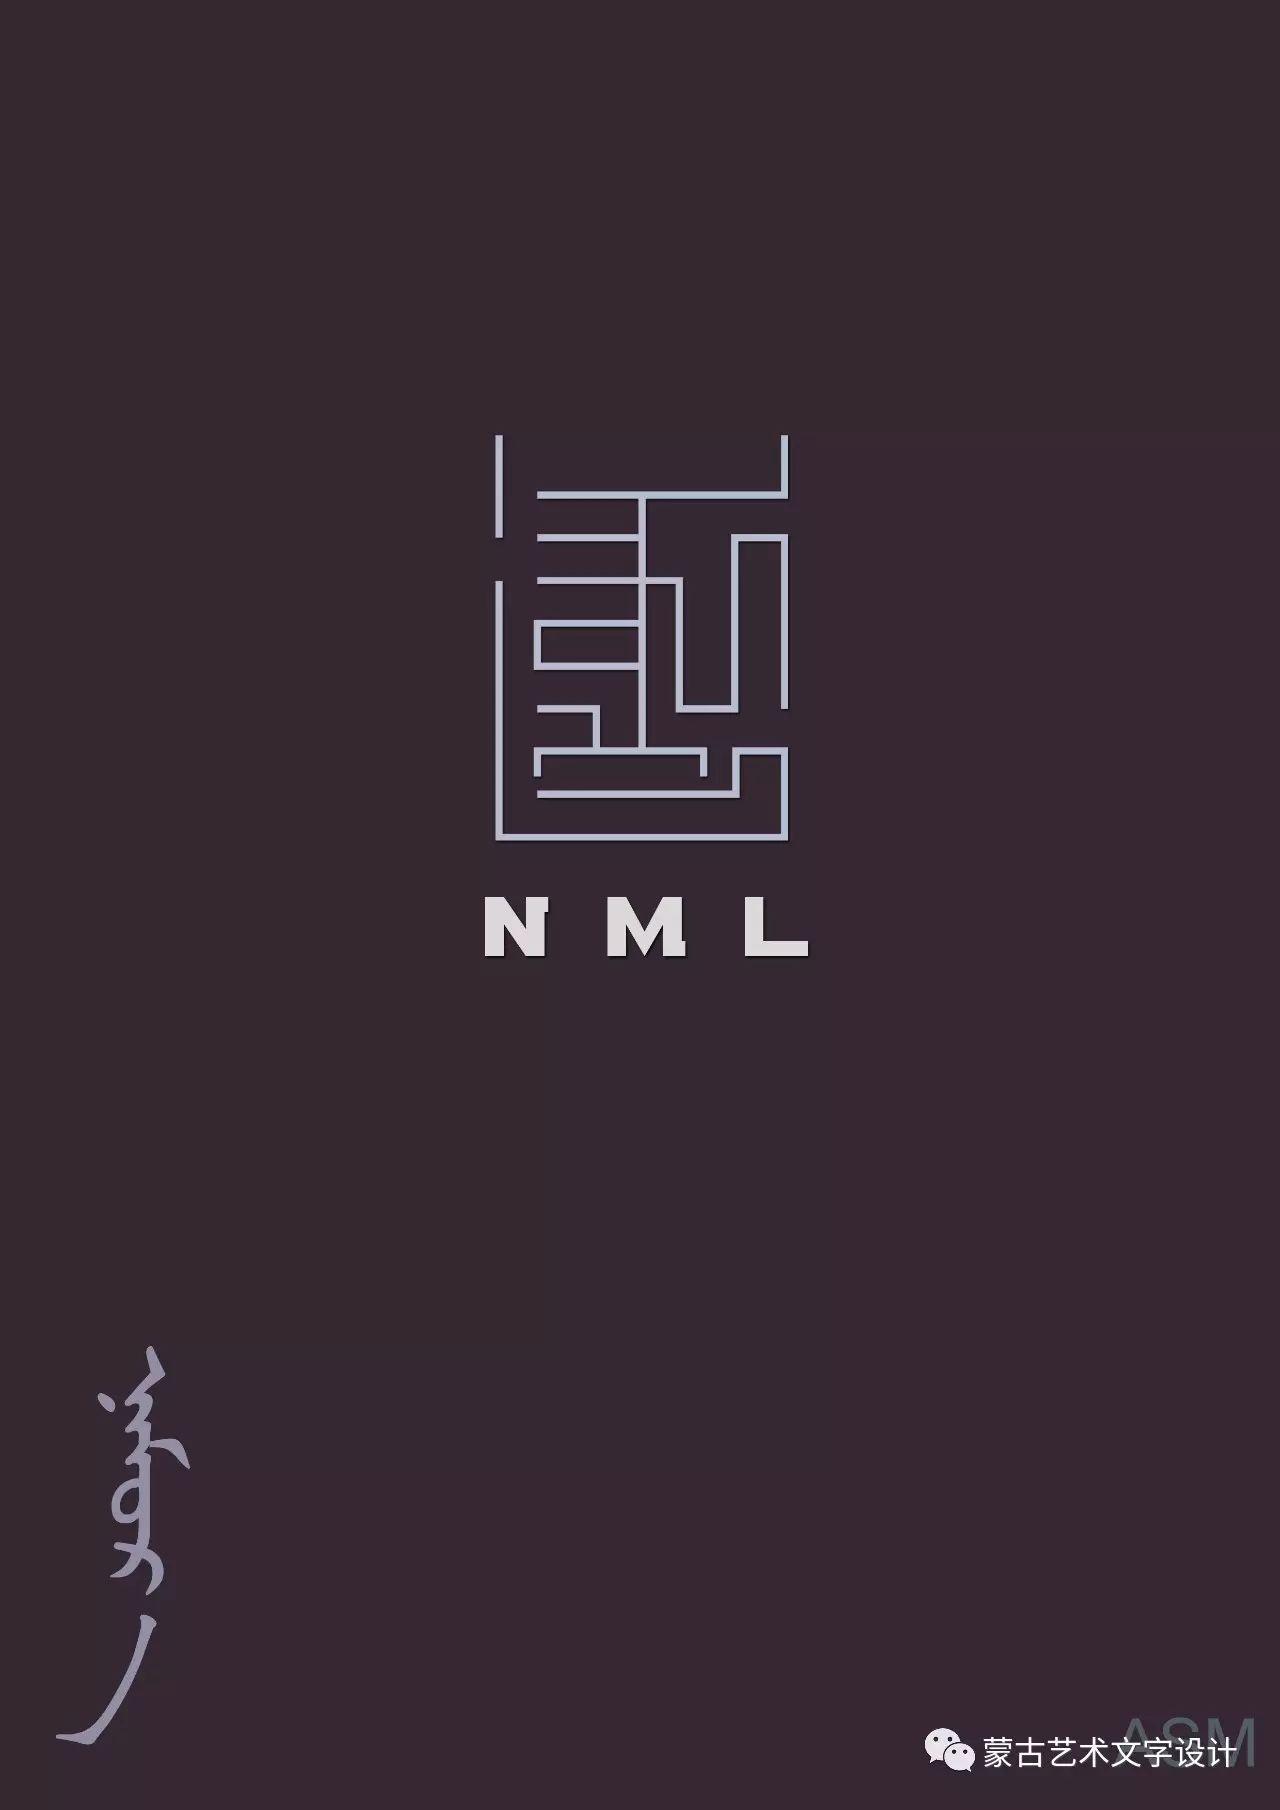 蒙古艺术文字设计 第55张